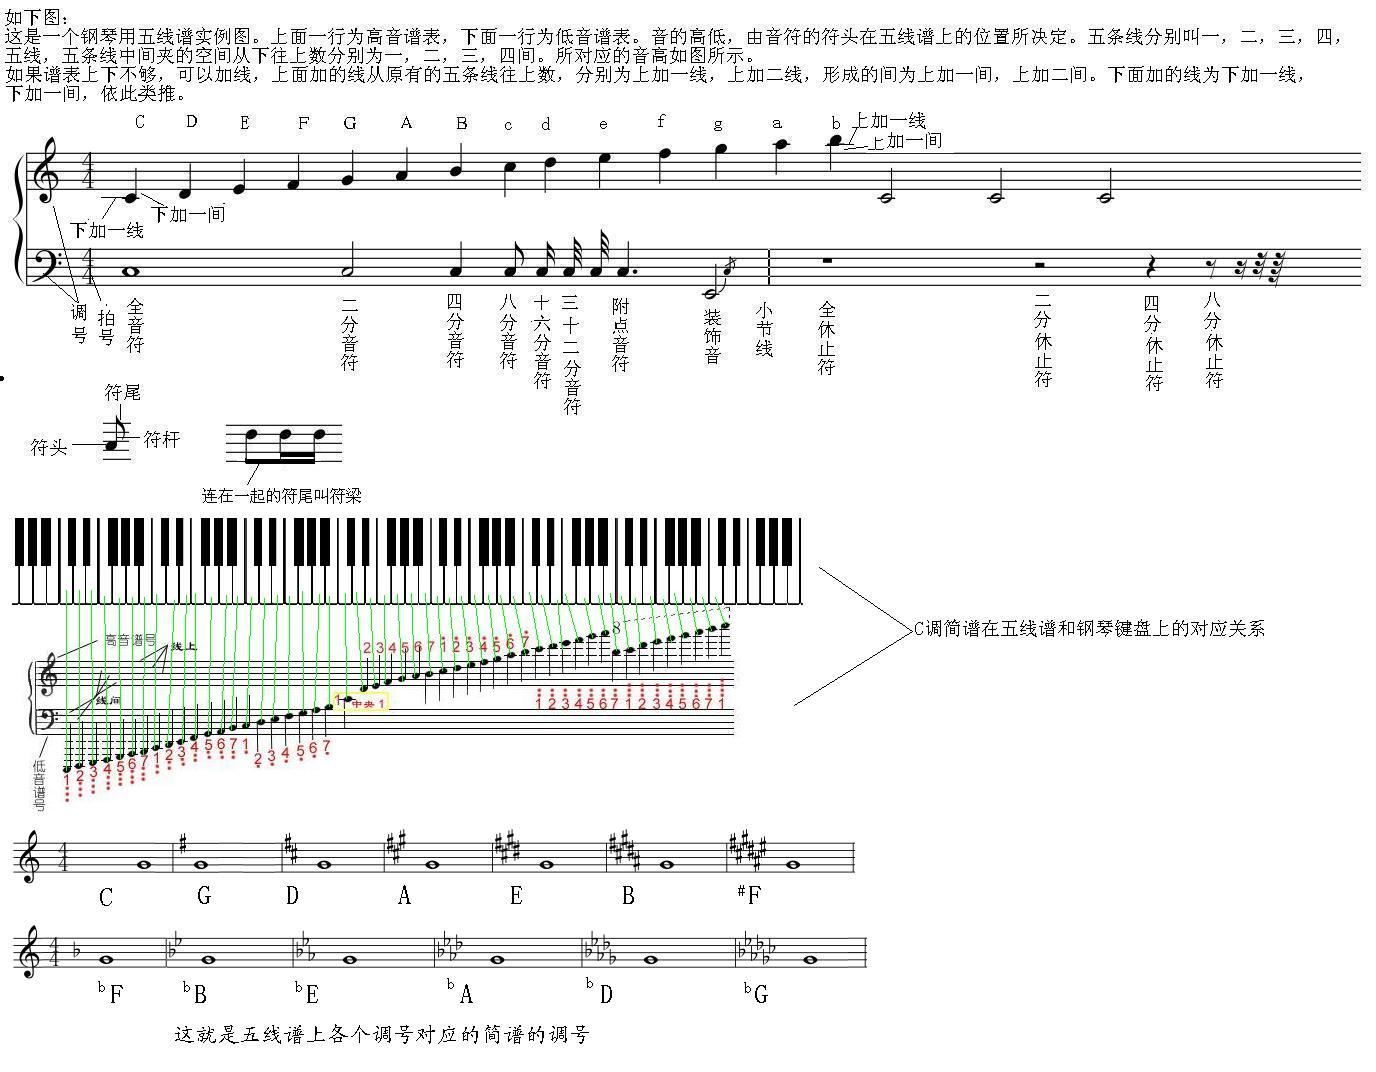 这张图里有简谱,五线谱,钢琴键盘的对应关系.你看看会明白的.